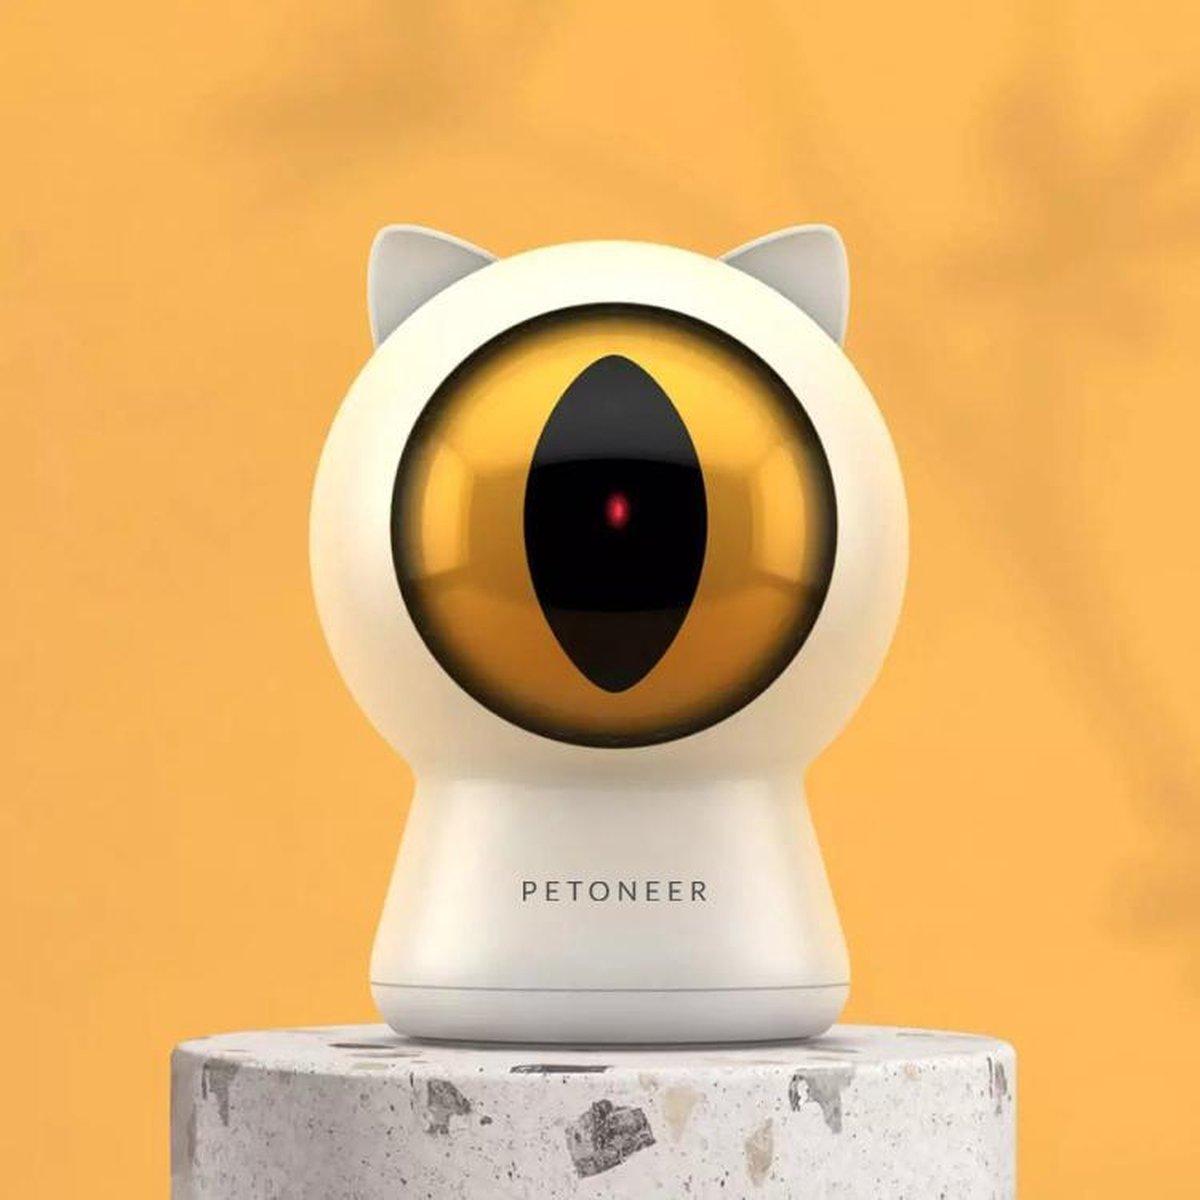 Petoneer - Kattenspeeltjes - Kattenspeeltjes intelligentie - Laser - USB - Smart Dot